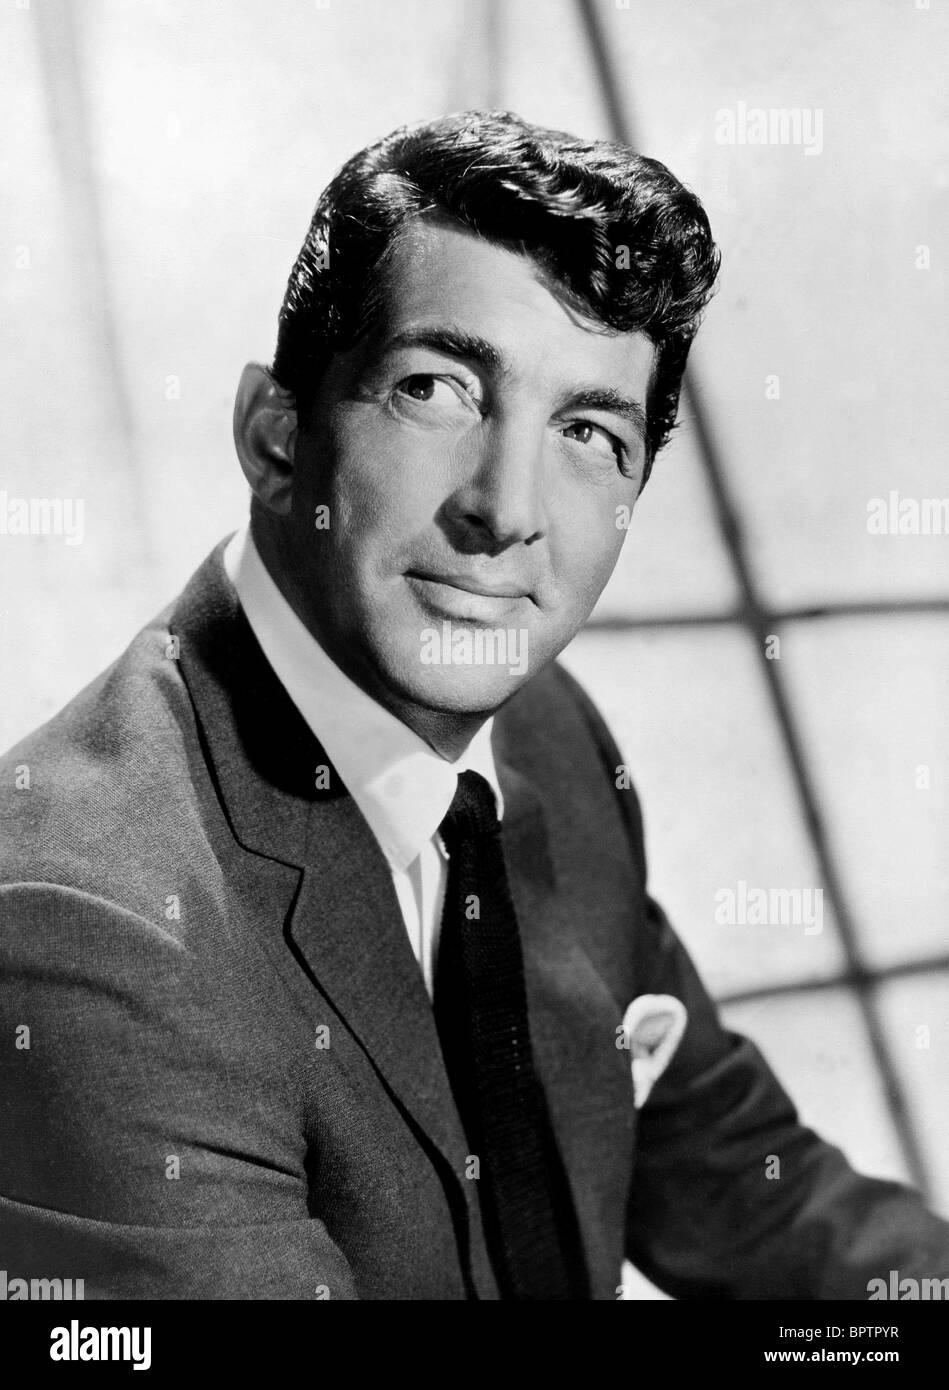 DEAN MARTIN ACTOR (1962) - Stock Image